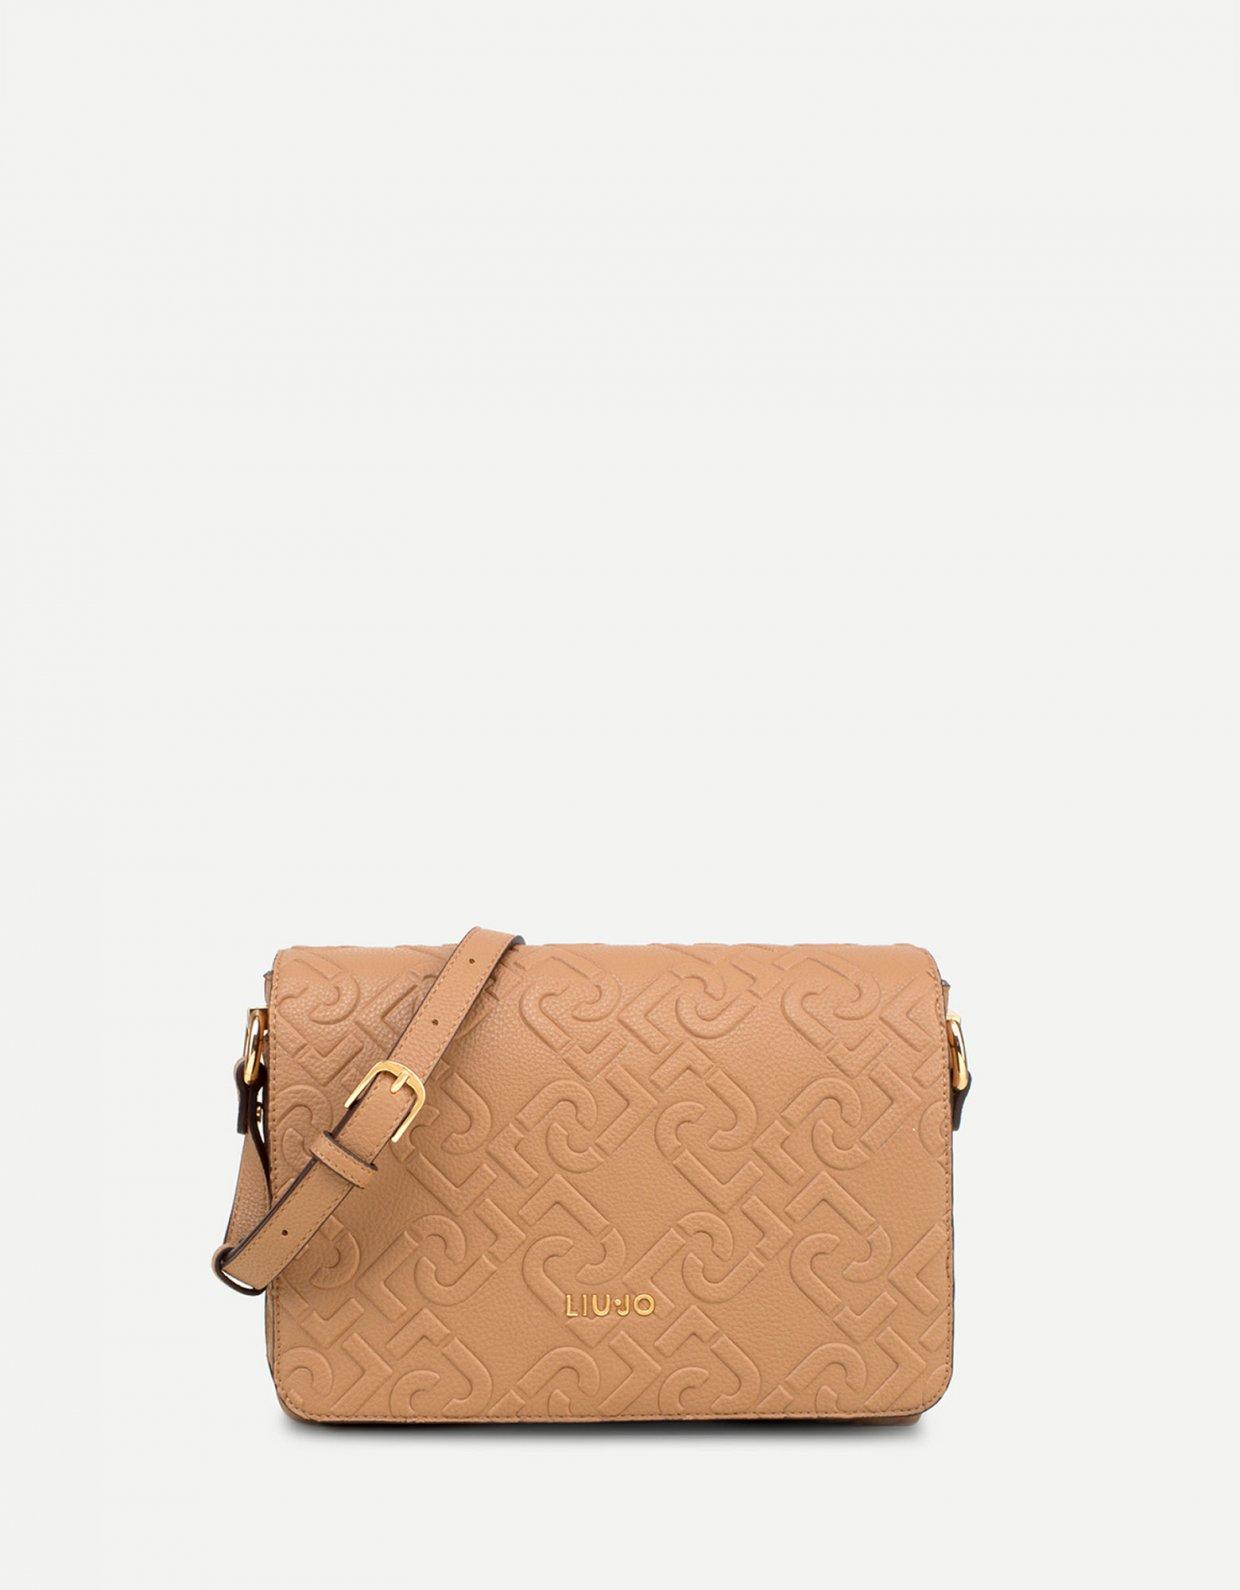 Liu Jo Messenger bag with logo Indian tan